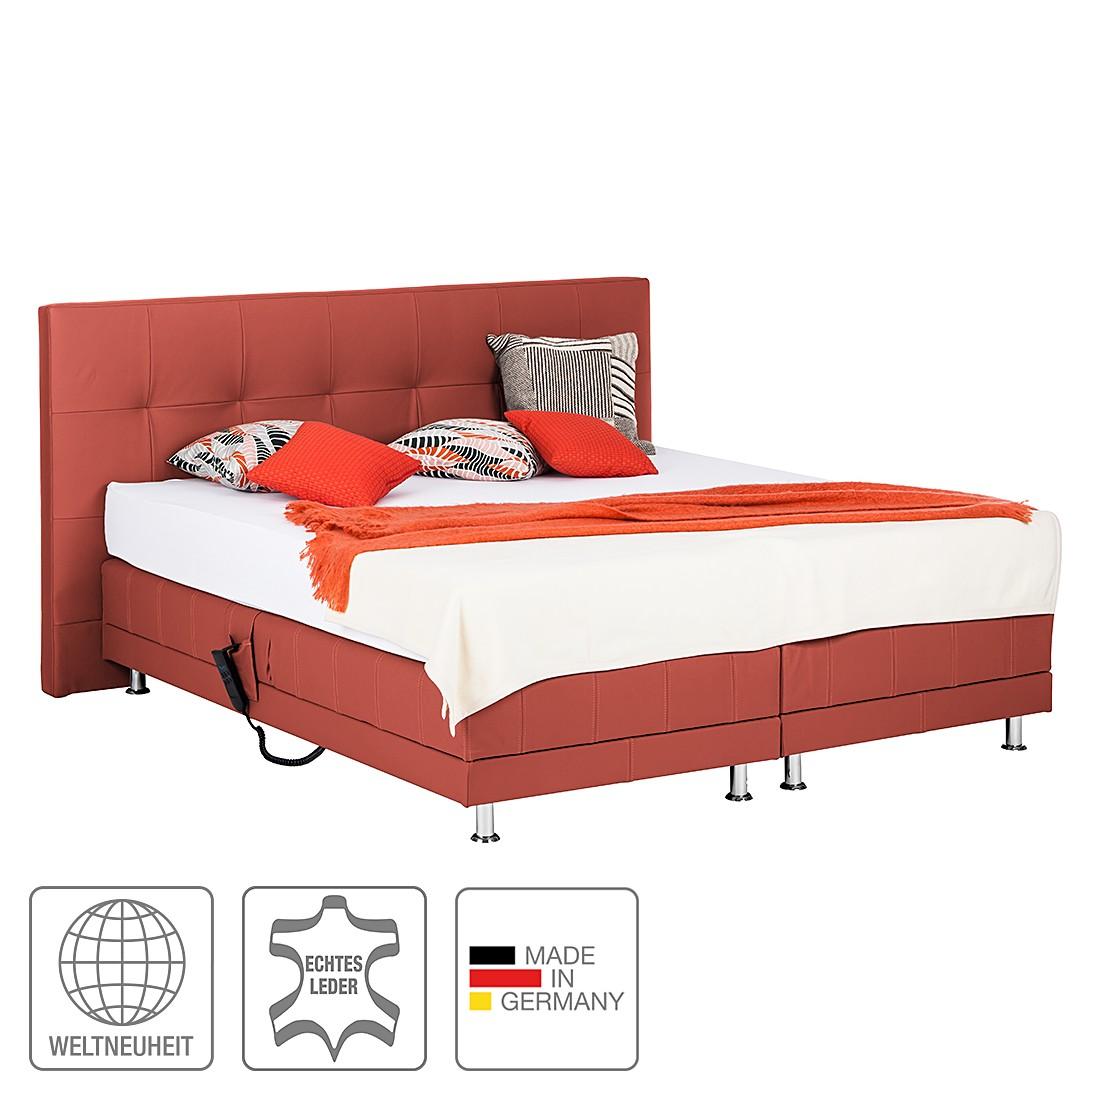 Boxspringbett Denver – Echtleder – Ohne Topper – 160 x 200cm – H3 ab 80 kg – Rot, Art of Sleep jetzt bestellen